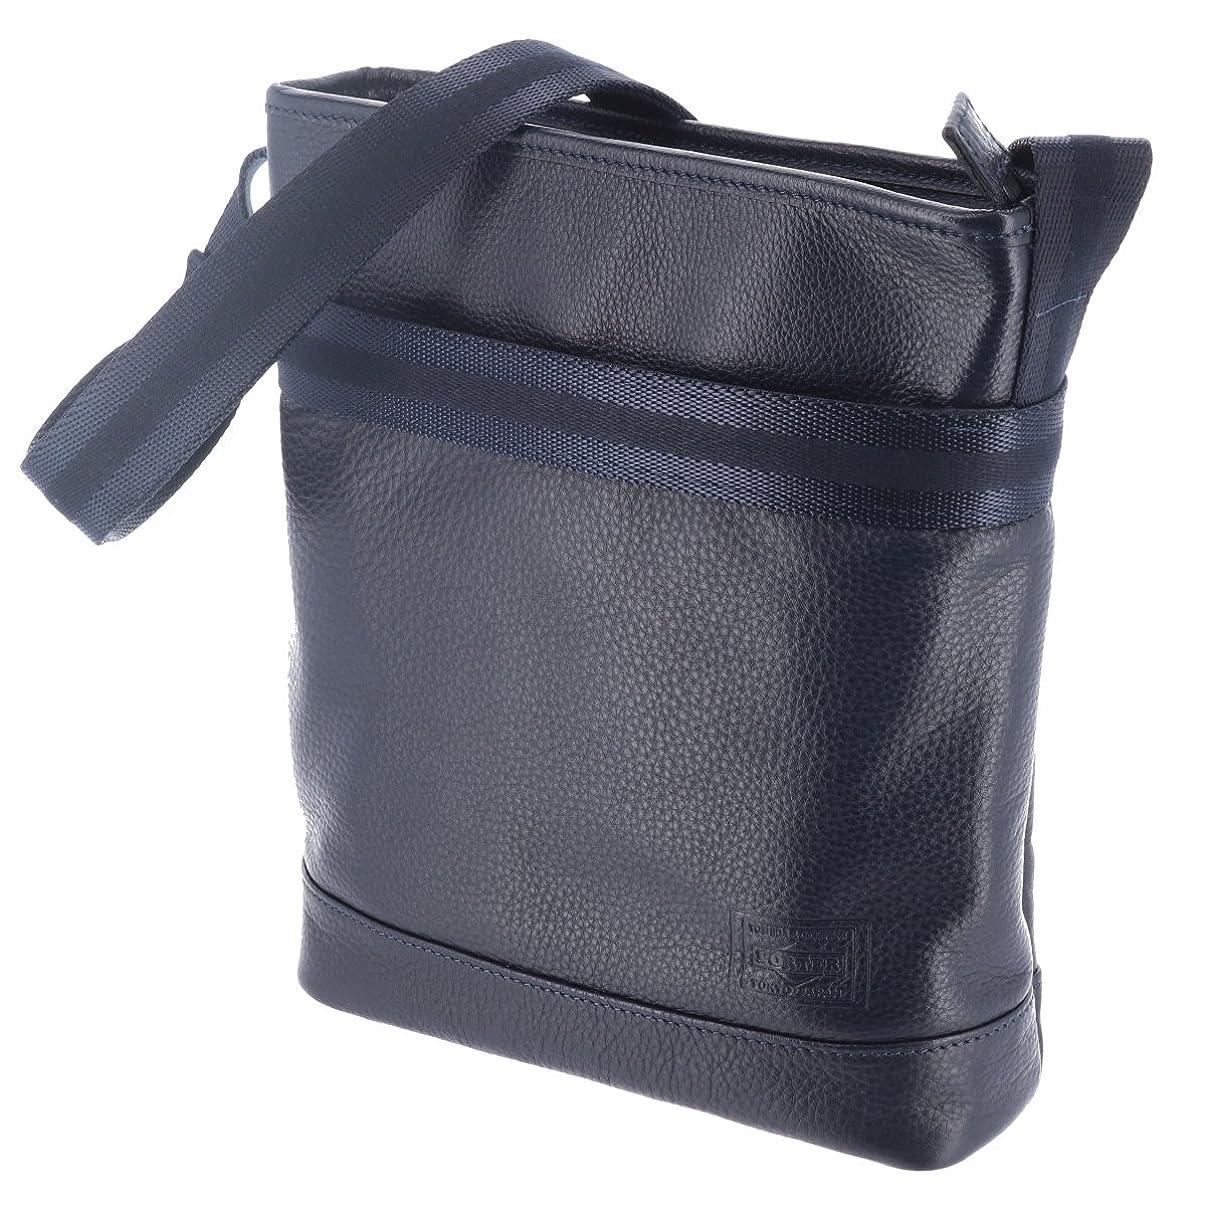 ルーフ肥沃なトライアスロン(ポーター) PORTER ショルダーバッグ